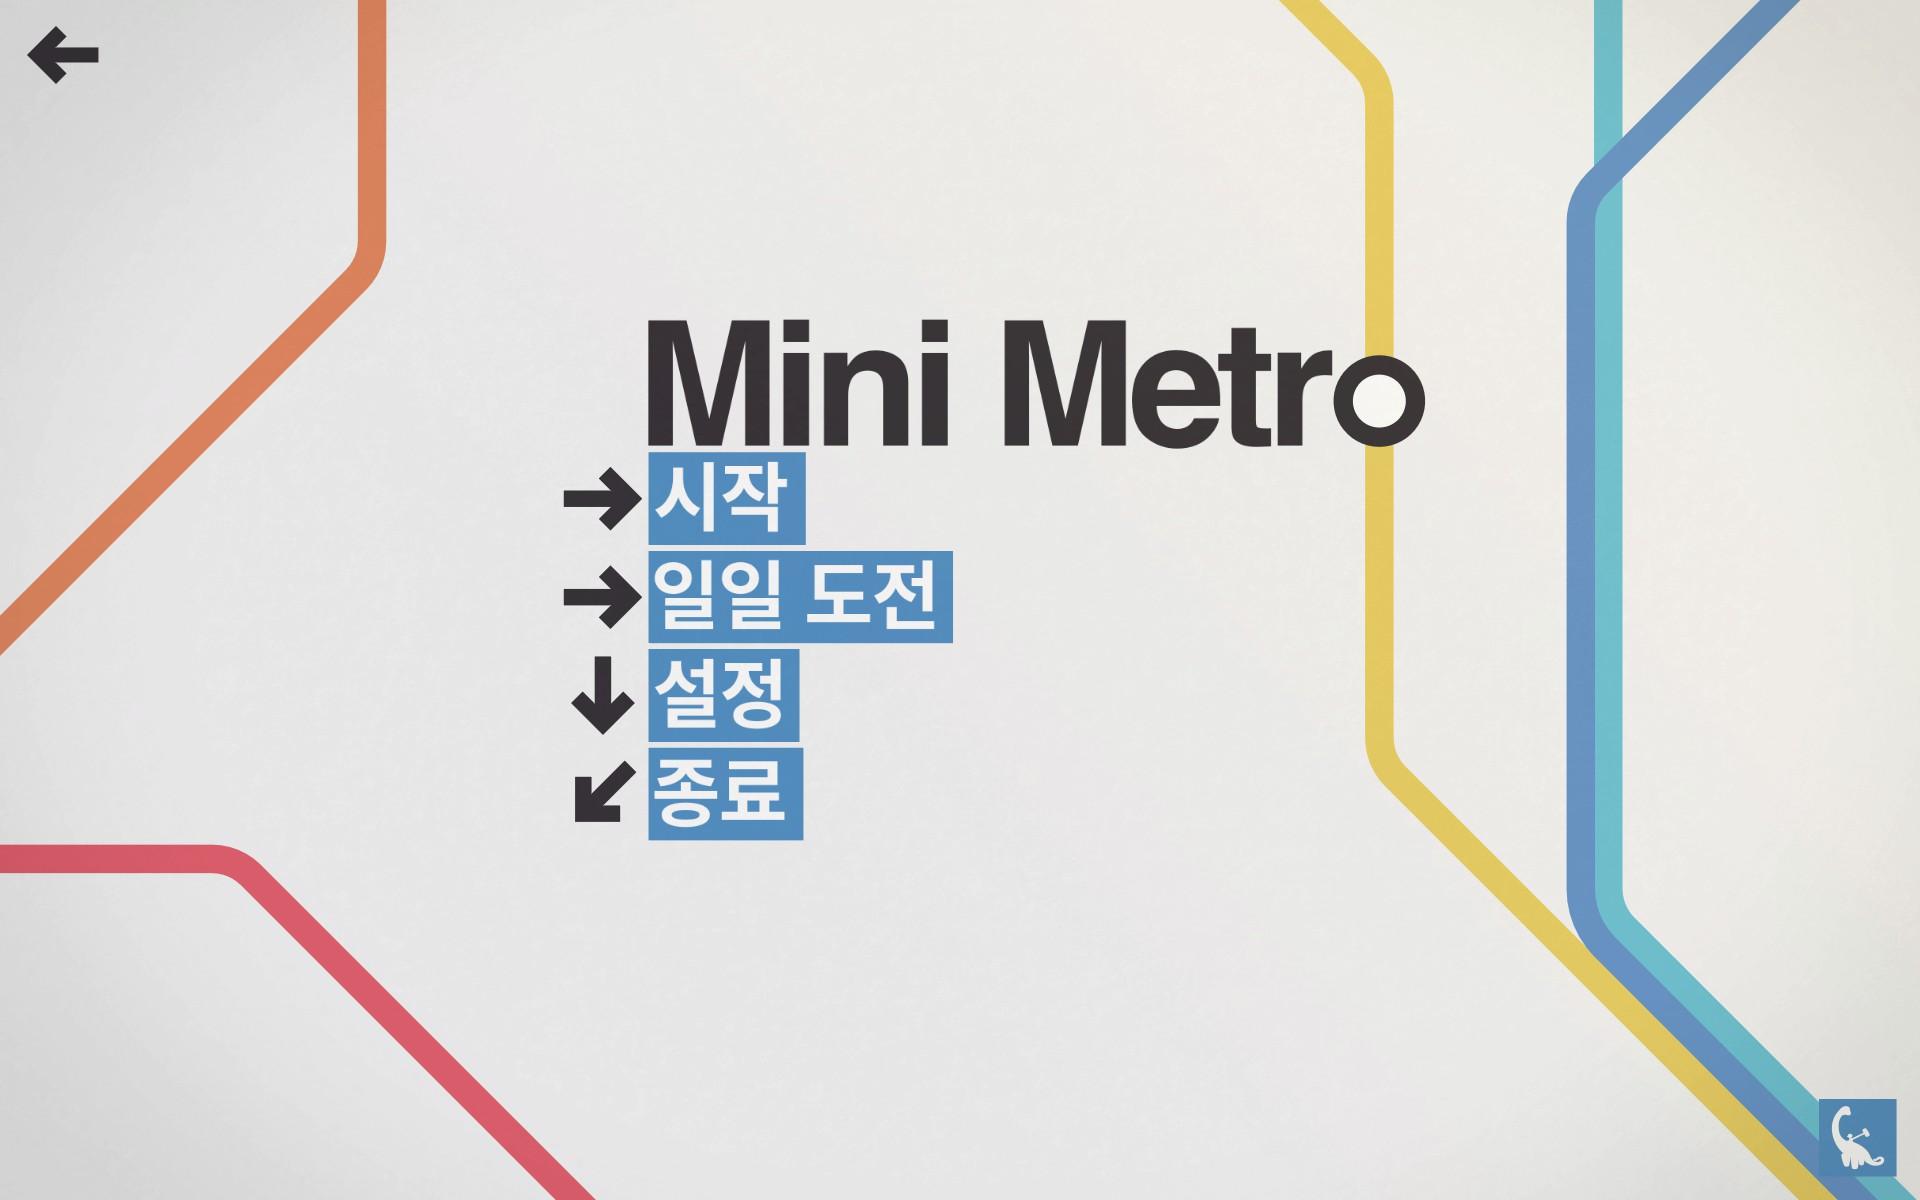 미니 메트로(Mini Metro)